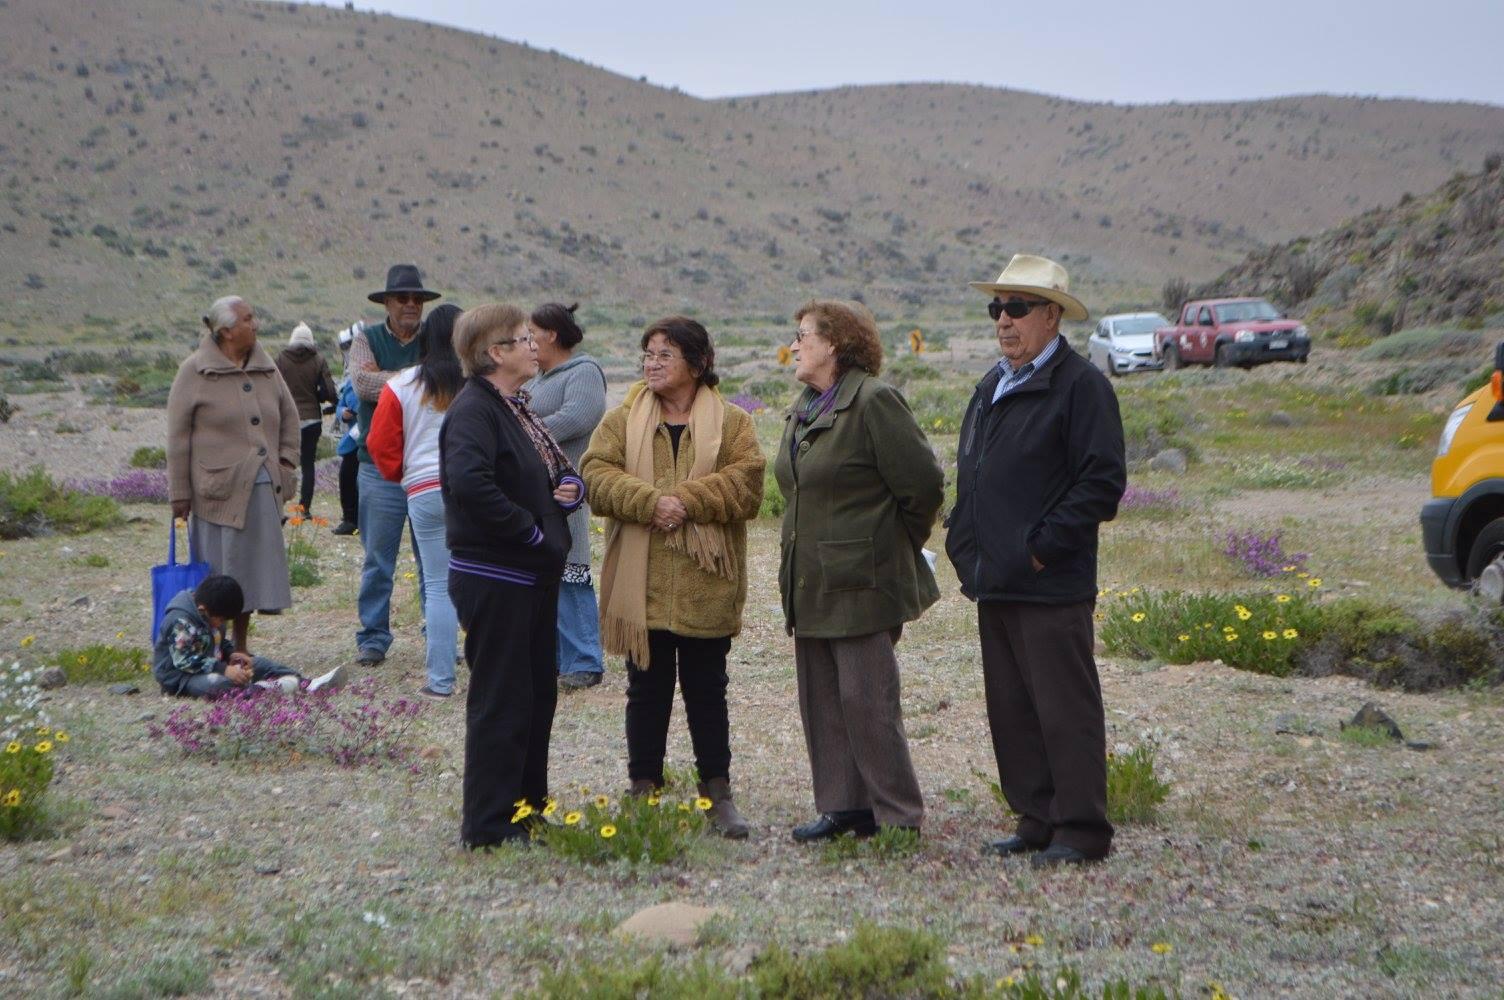 Municipio de Huasco realizará ruta del desierto florido abierto a la comunidad.